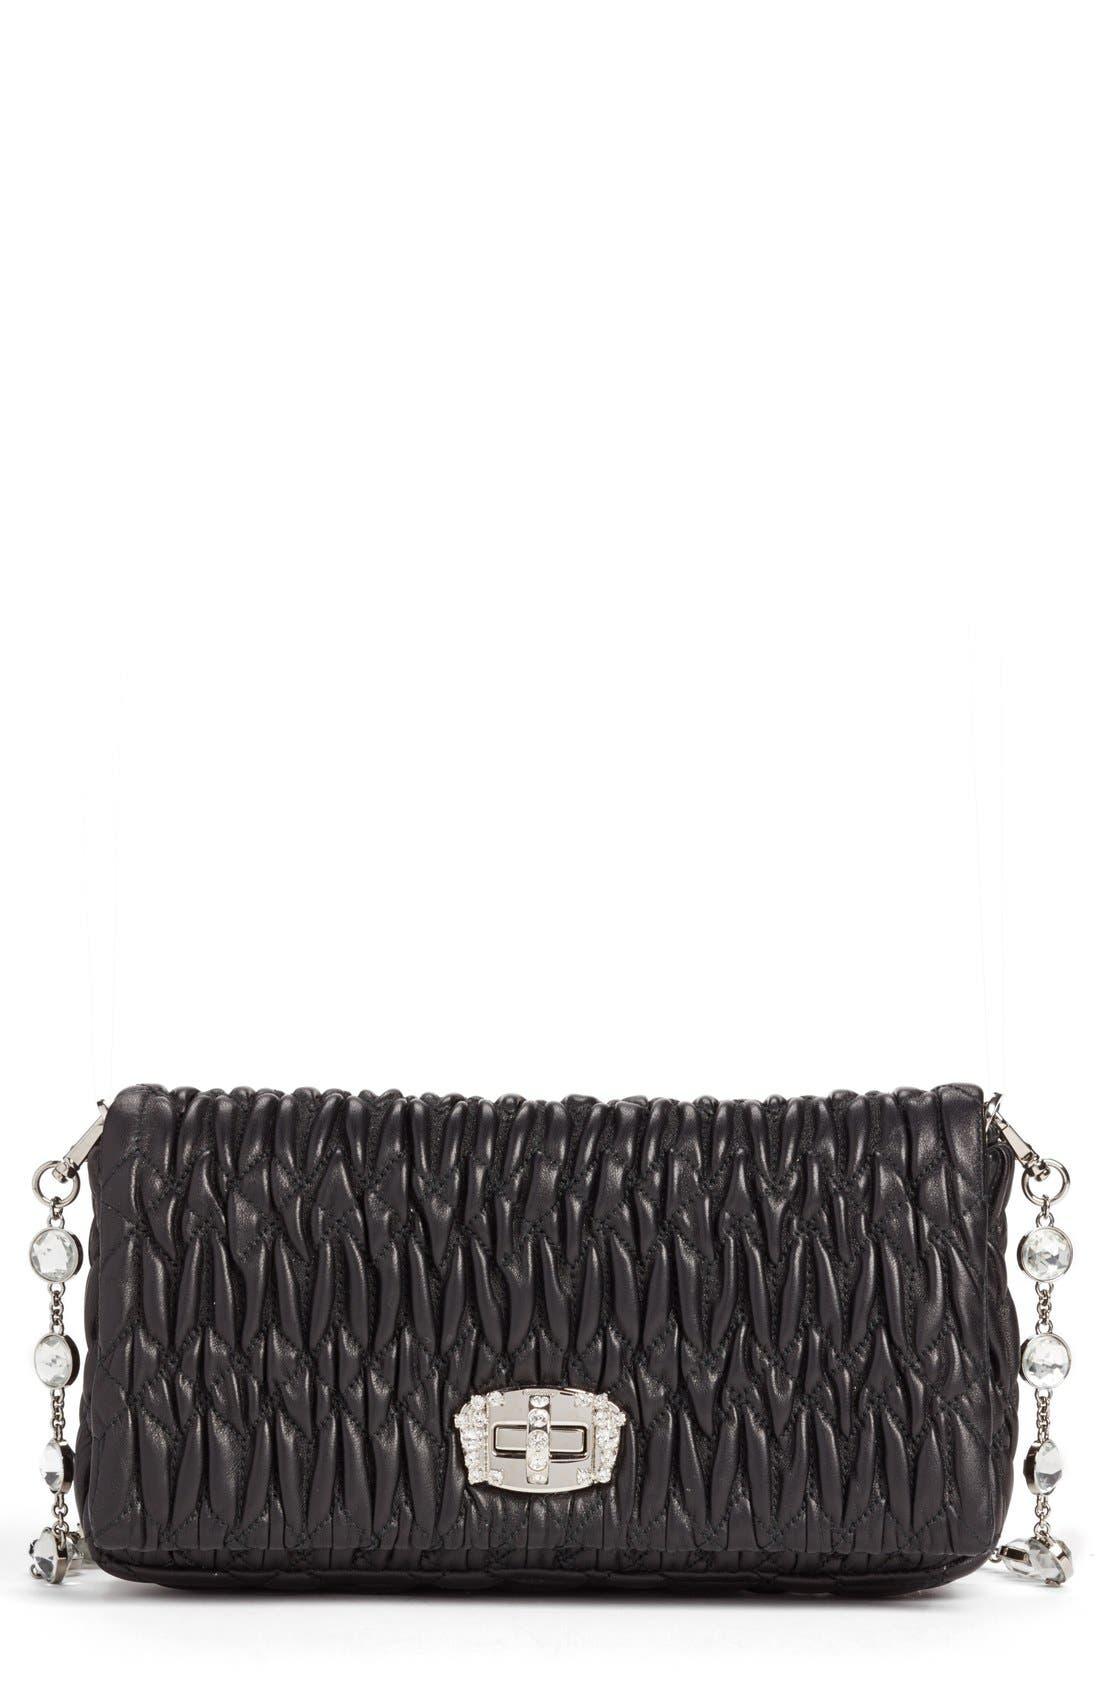 MIU MIU Small Crystal Embellished Nappa Shoulder Bag